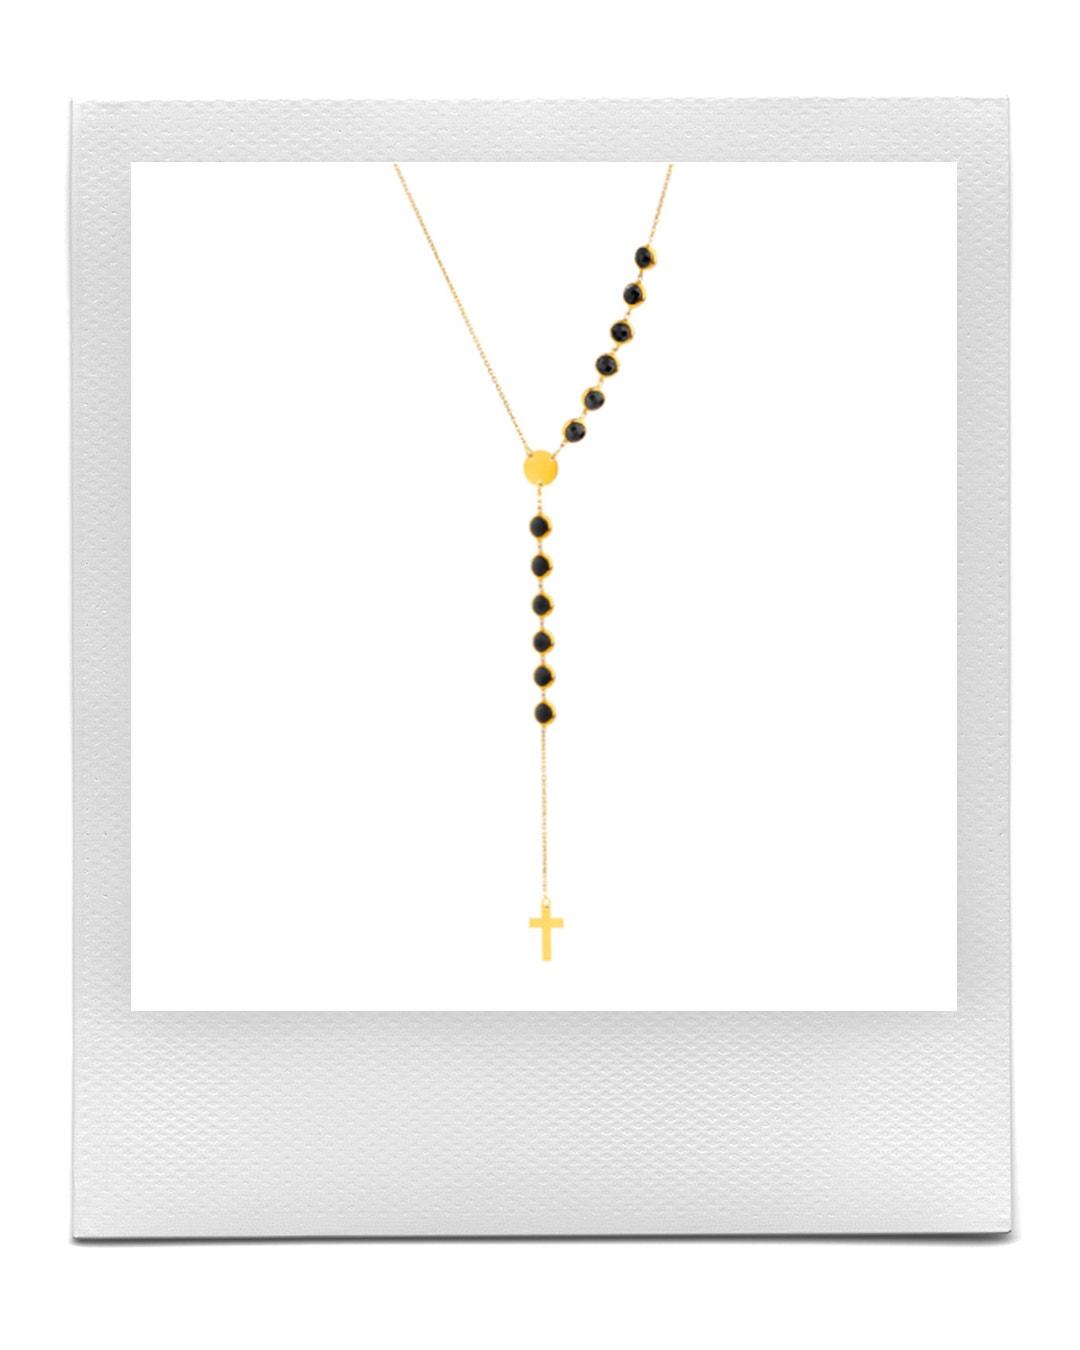 Zlatý náhrdelník růženec, Apart  prodává Apart, 5 919 Kč